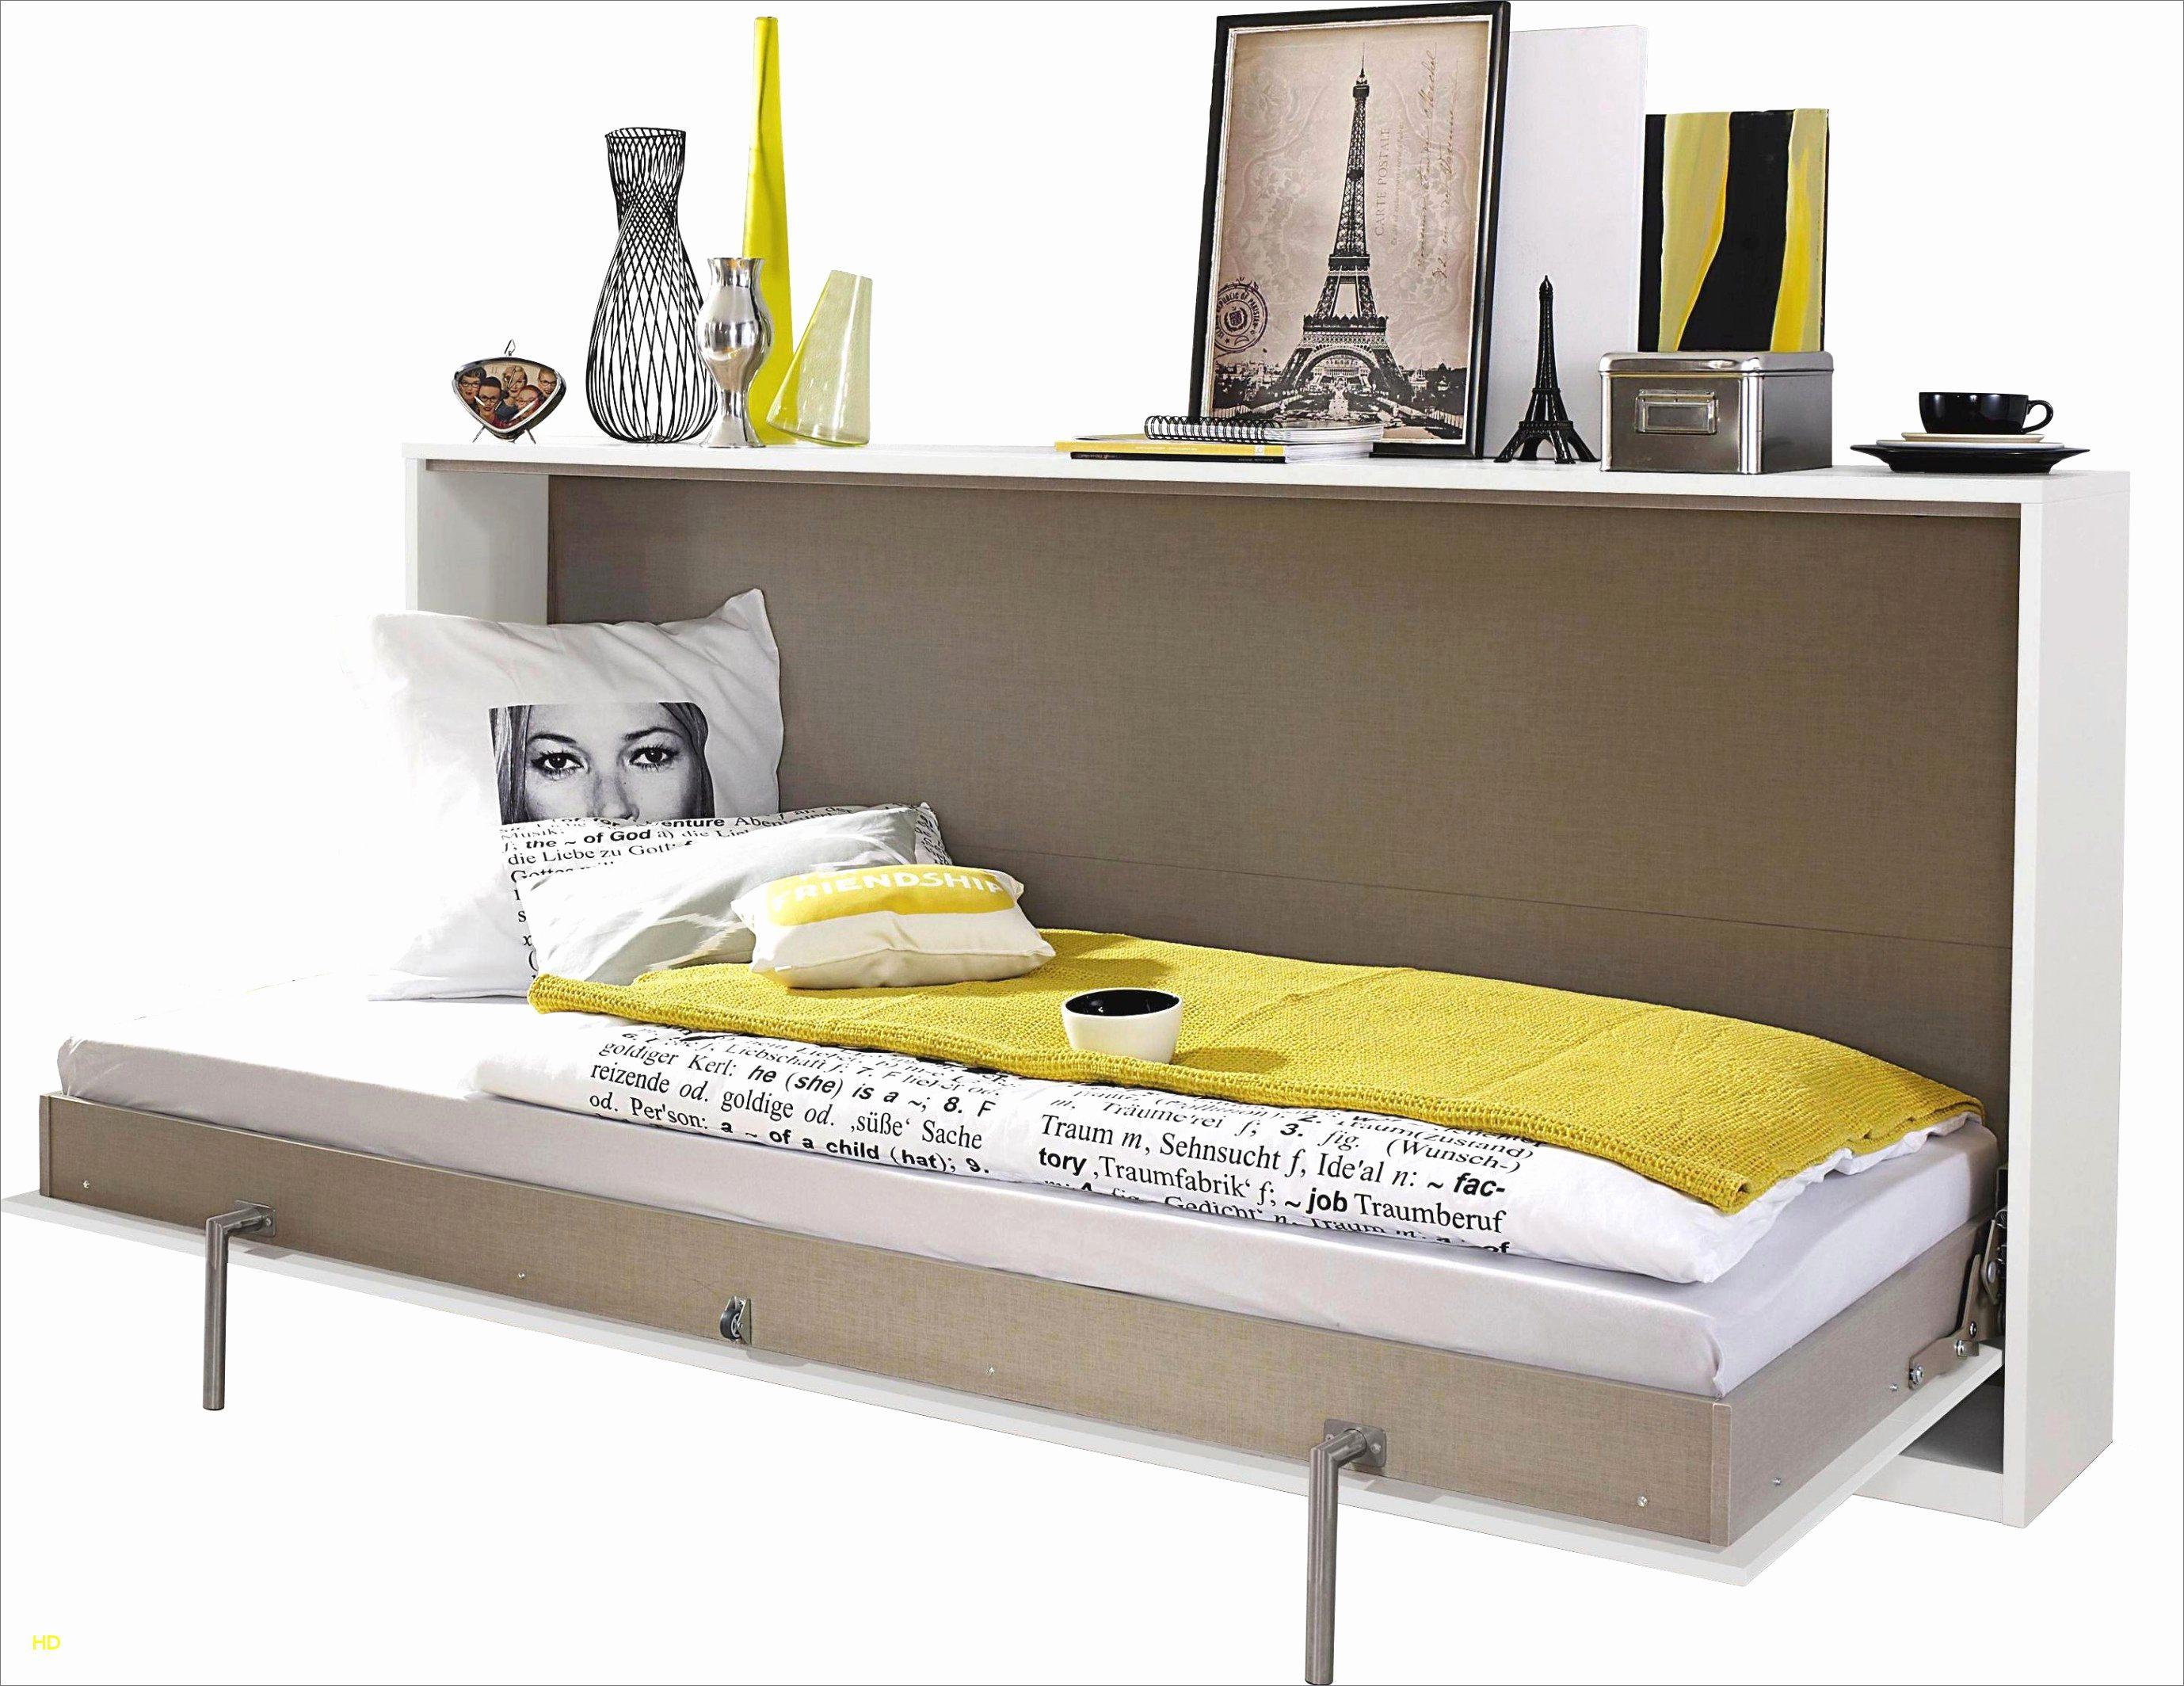 Tete De Lit 140 Pas Cher Magnifique Tete De Lit Pas Cher 140 échantillons Tete De Lit Ikea 140 élégant S